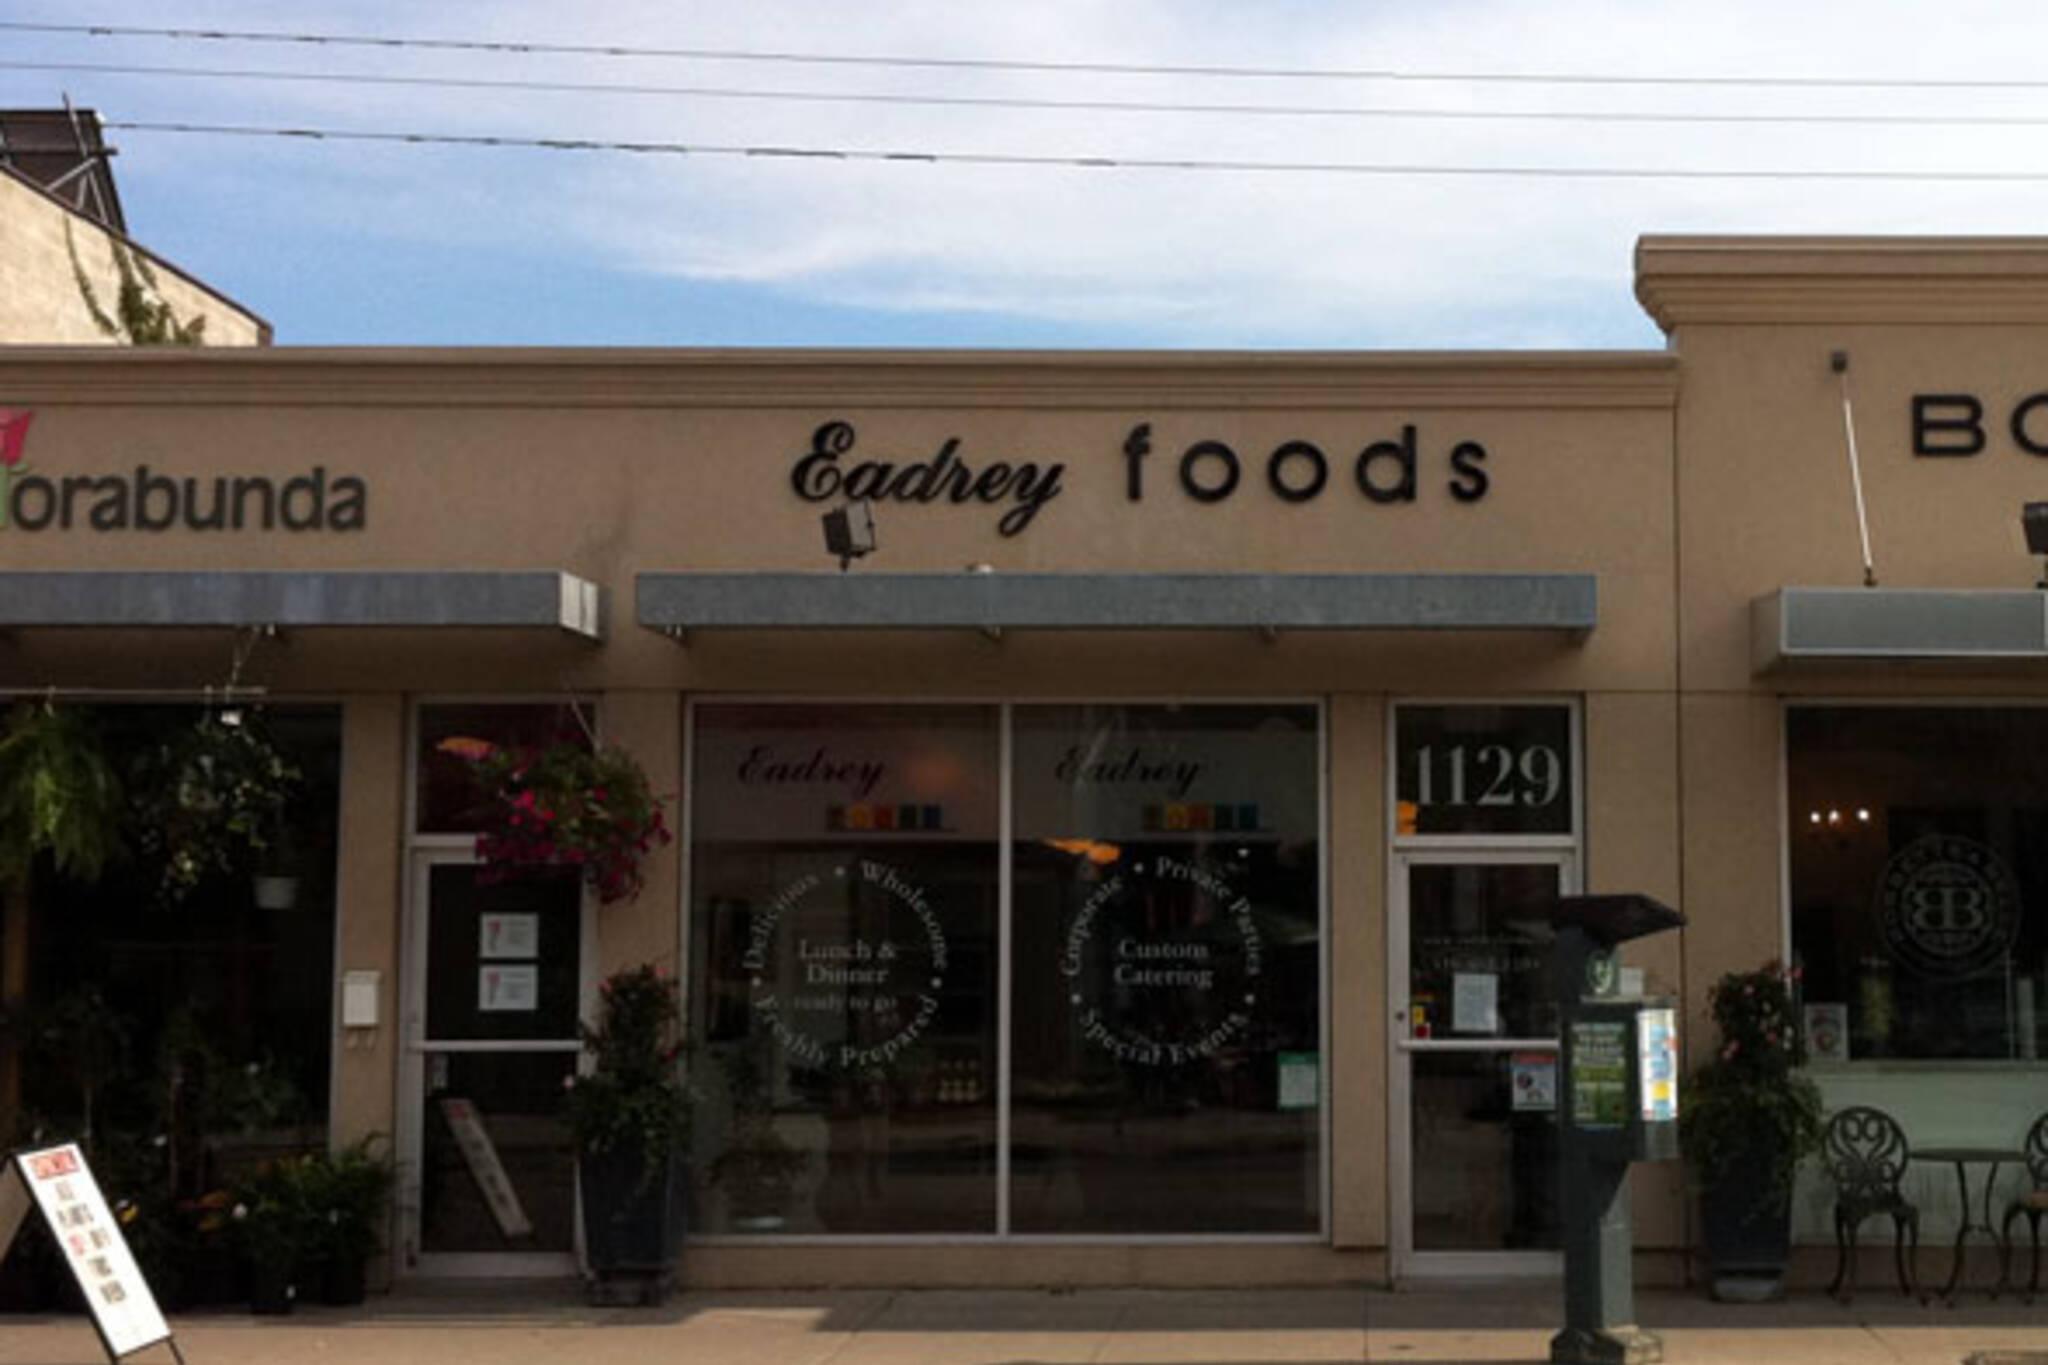 Eadrey Foods